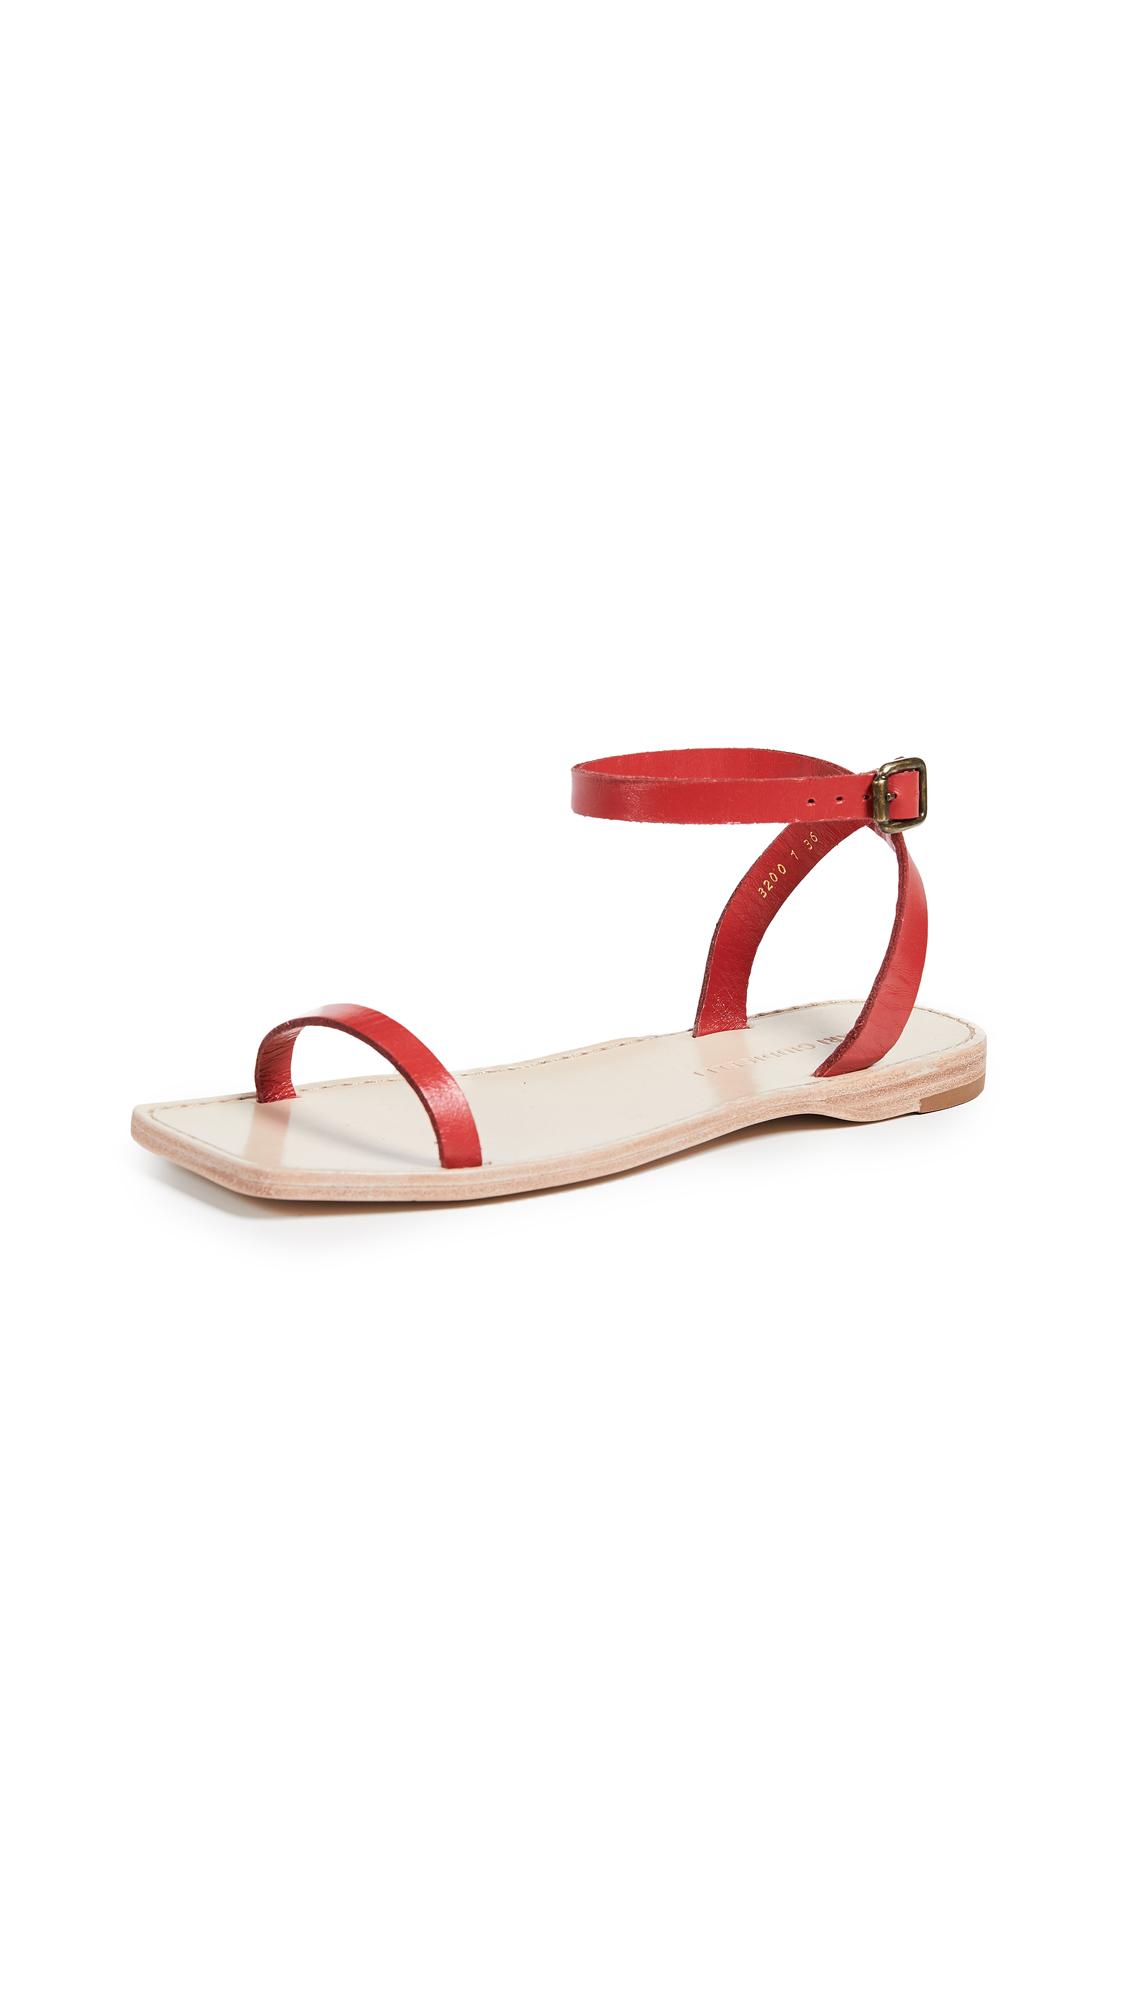 Mari Giudicelli Valencia Sandals - Red